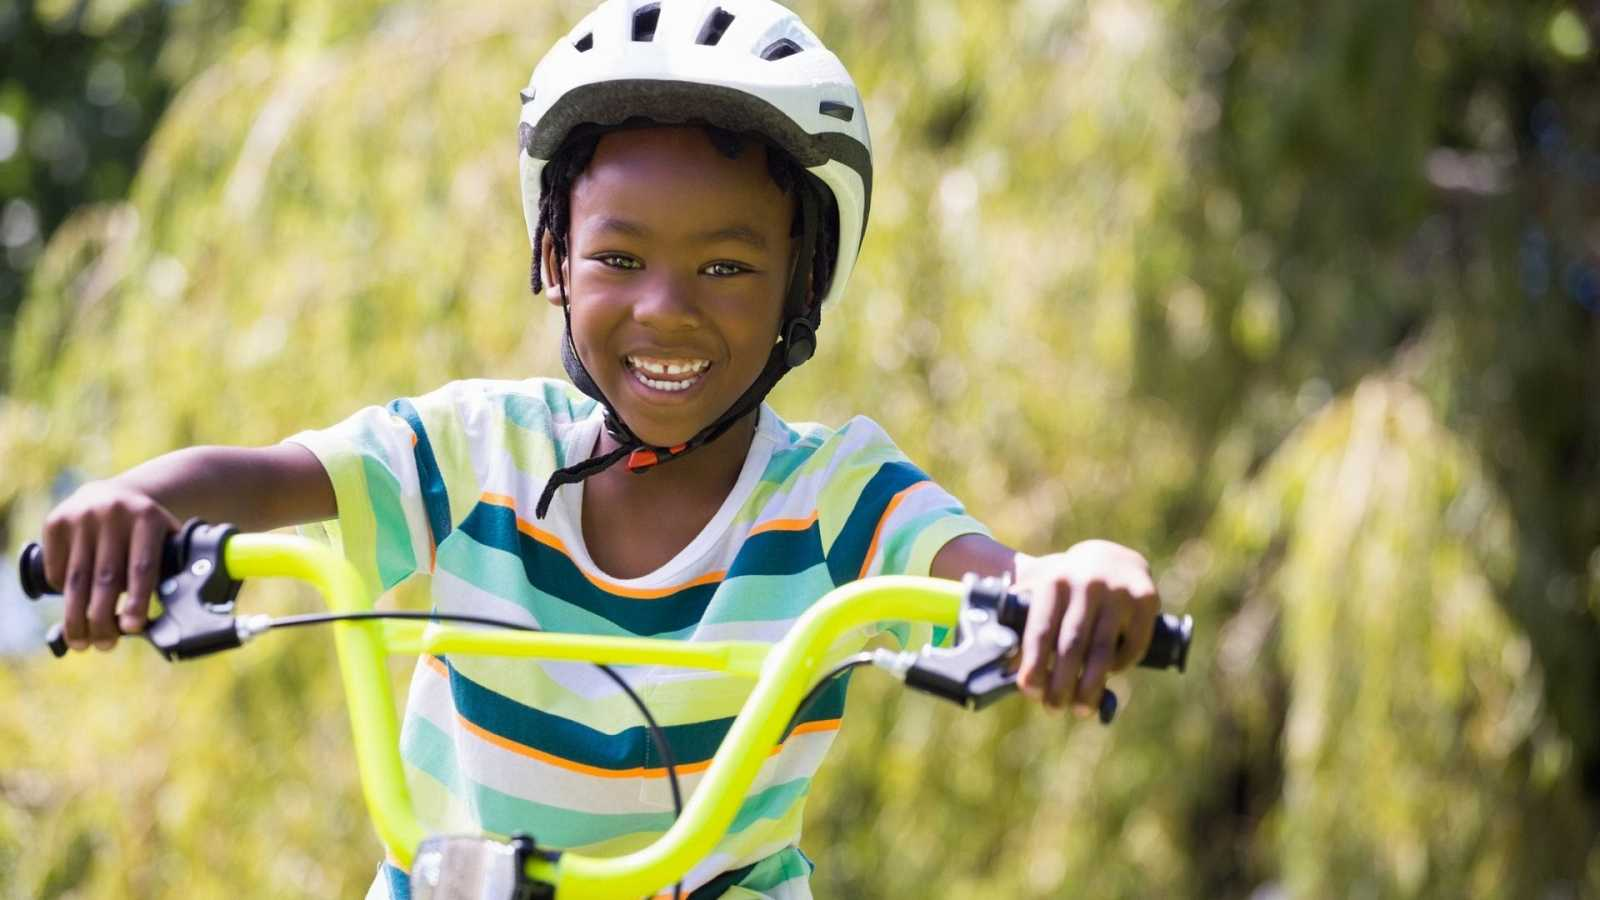 África hoy - 'Al colegio en bici' llega hasta los colegios de Benín - 25/03/21 - esuchar ahora